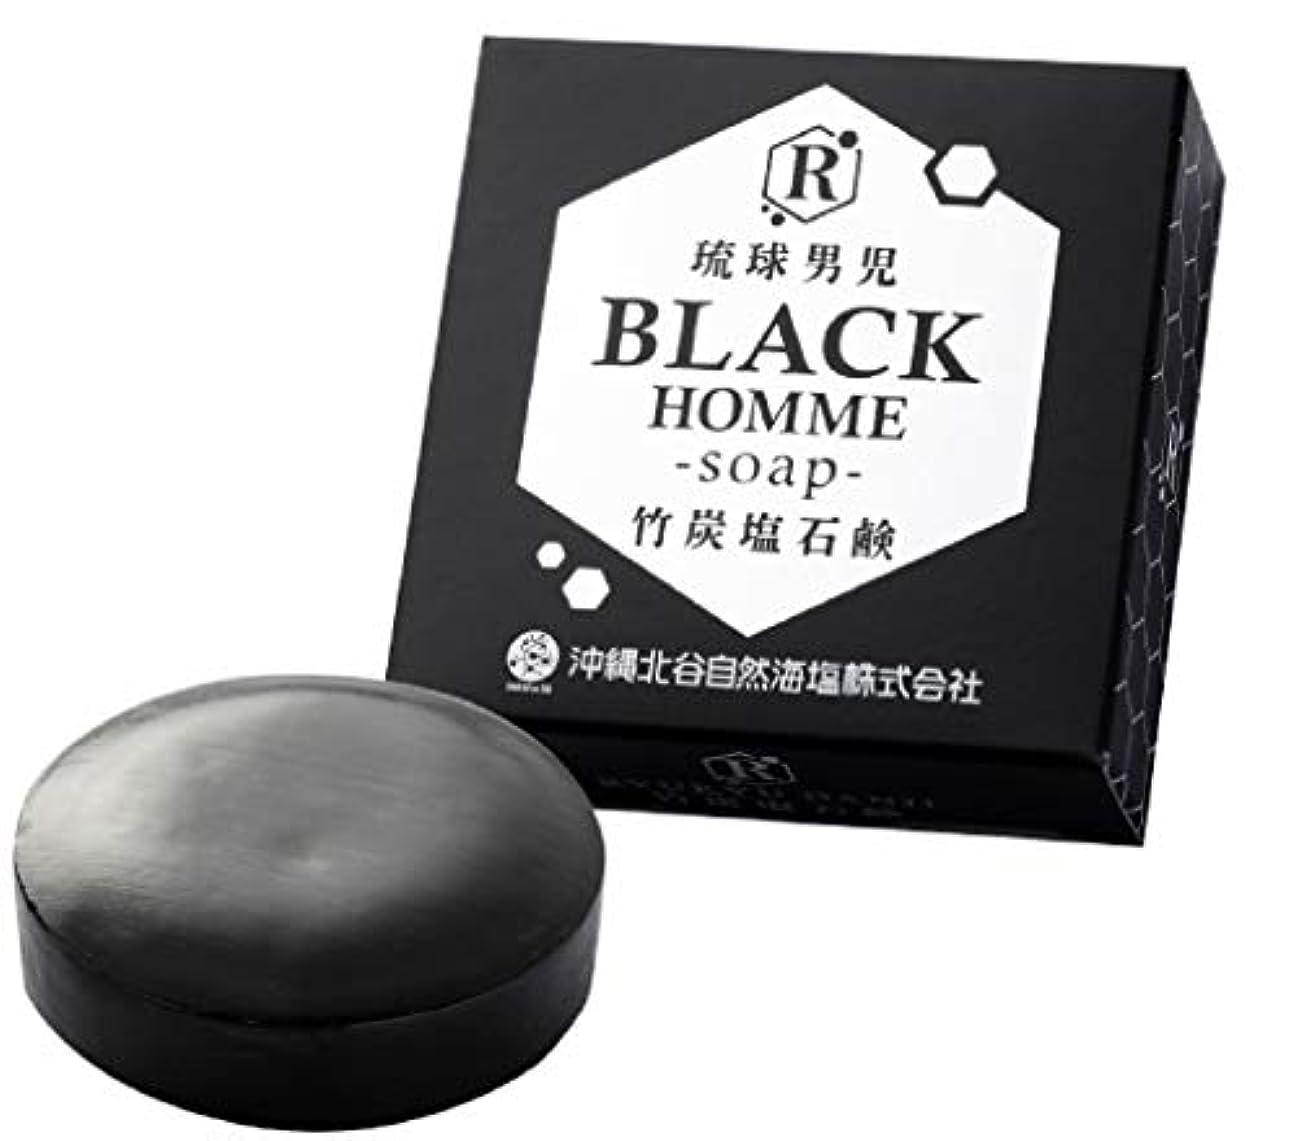 【4個セット】琉球男児 竹炭塩石鹸 BLACK HOMME-soap- 60g 泡立てネット付き